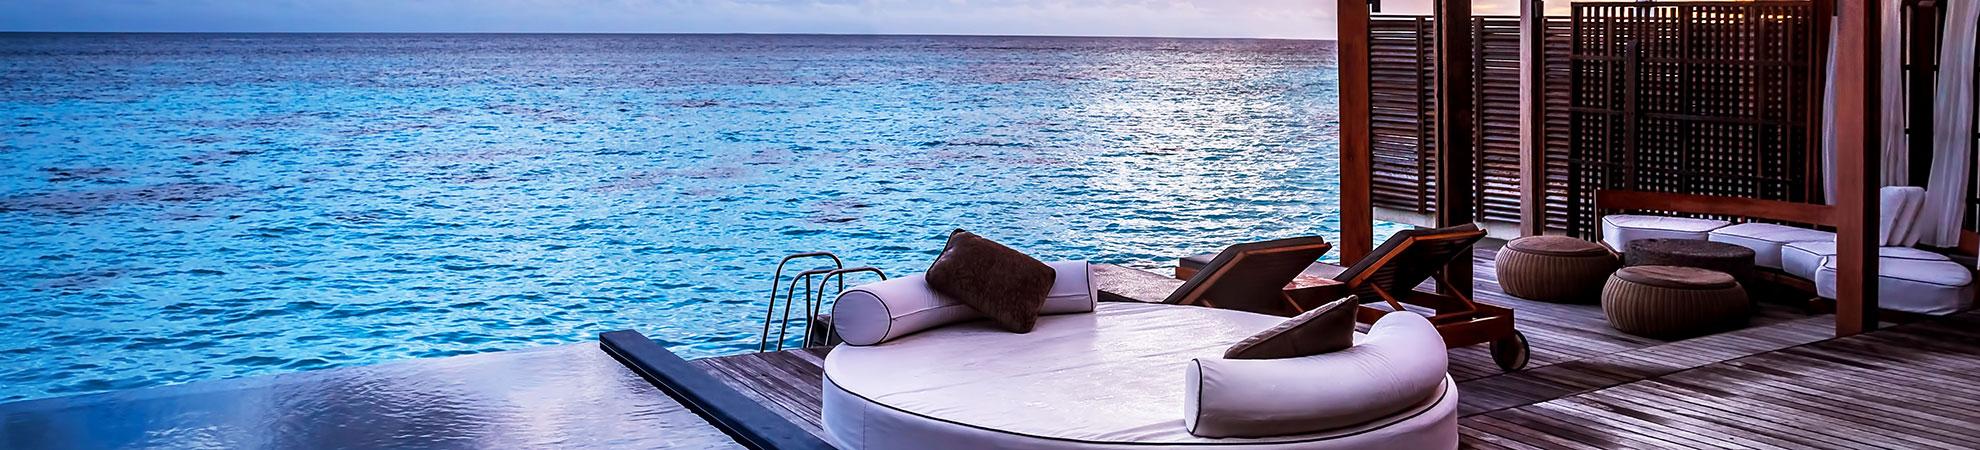 Votre séjour Maldives All inclusive